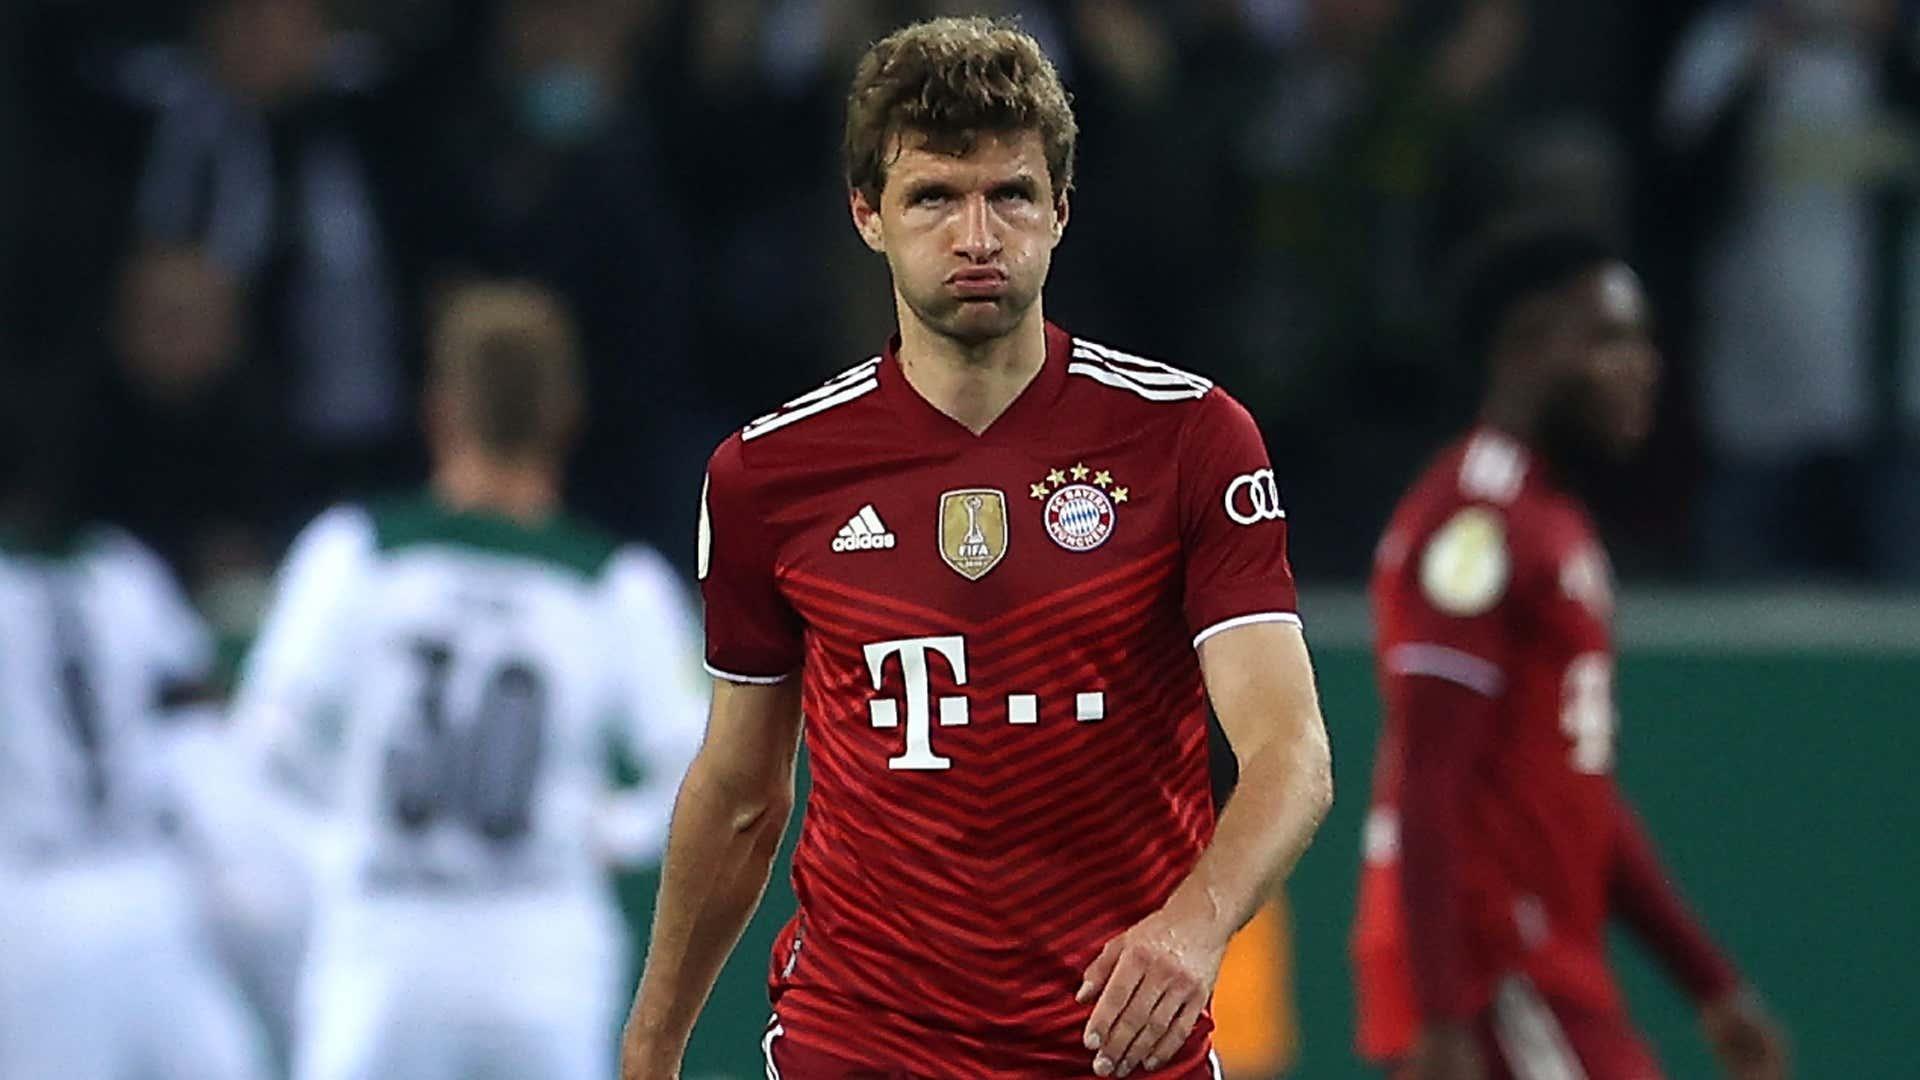 FC Bayern München, News und Gerüchte: Müller mit harter Kritik nach Pokalblamage, Kahn rät Kimmich zur Impfung - alles zum FC Bayern heute | Goal.com